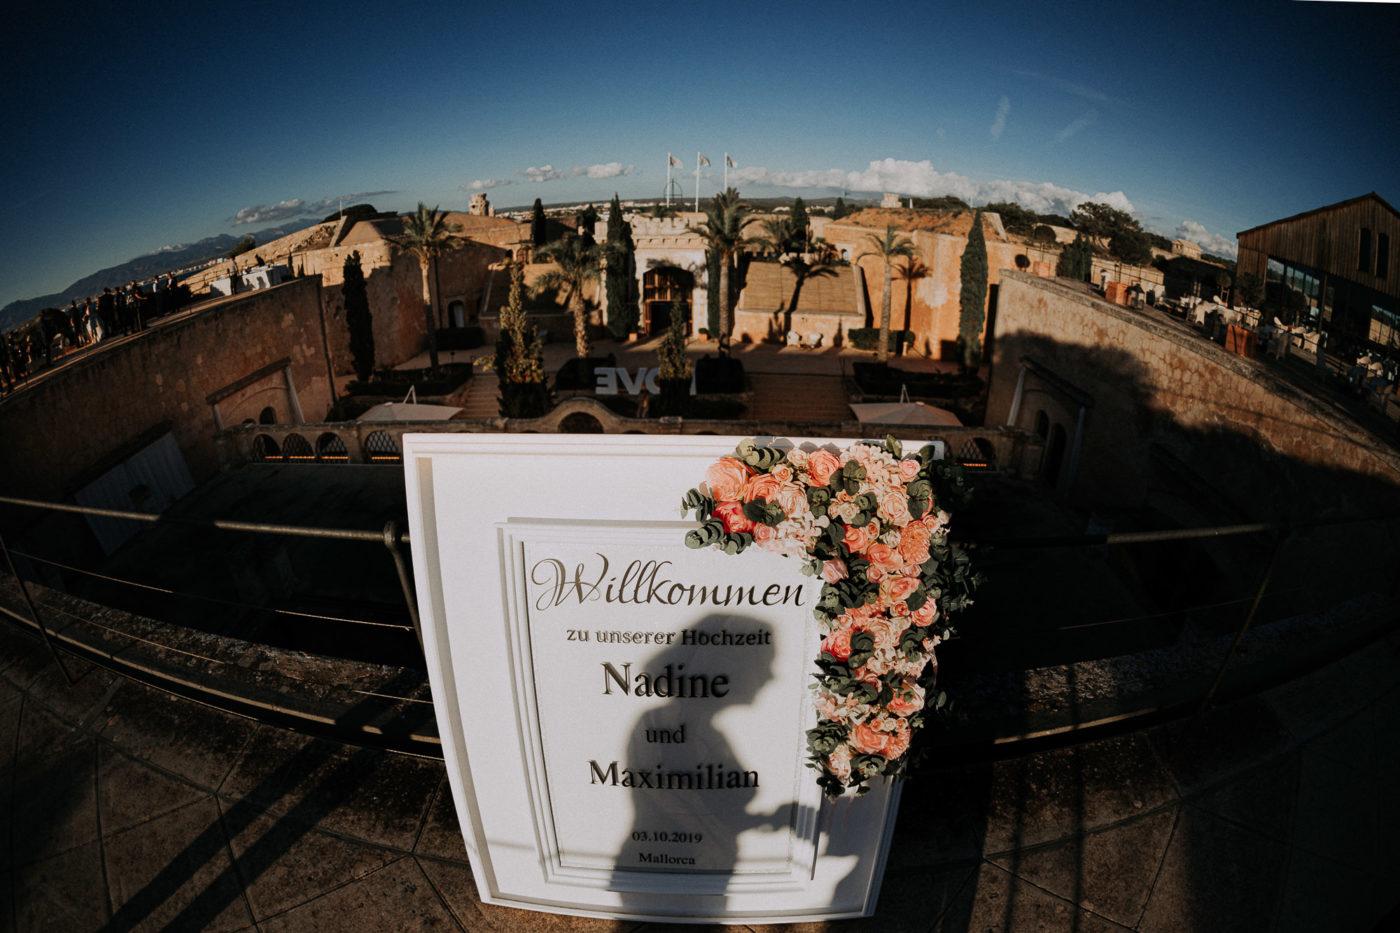 Die Hochzeitswillkommenstafel des Brautpaares